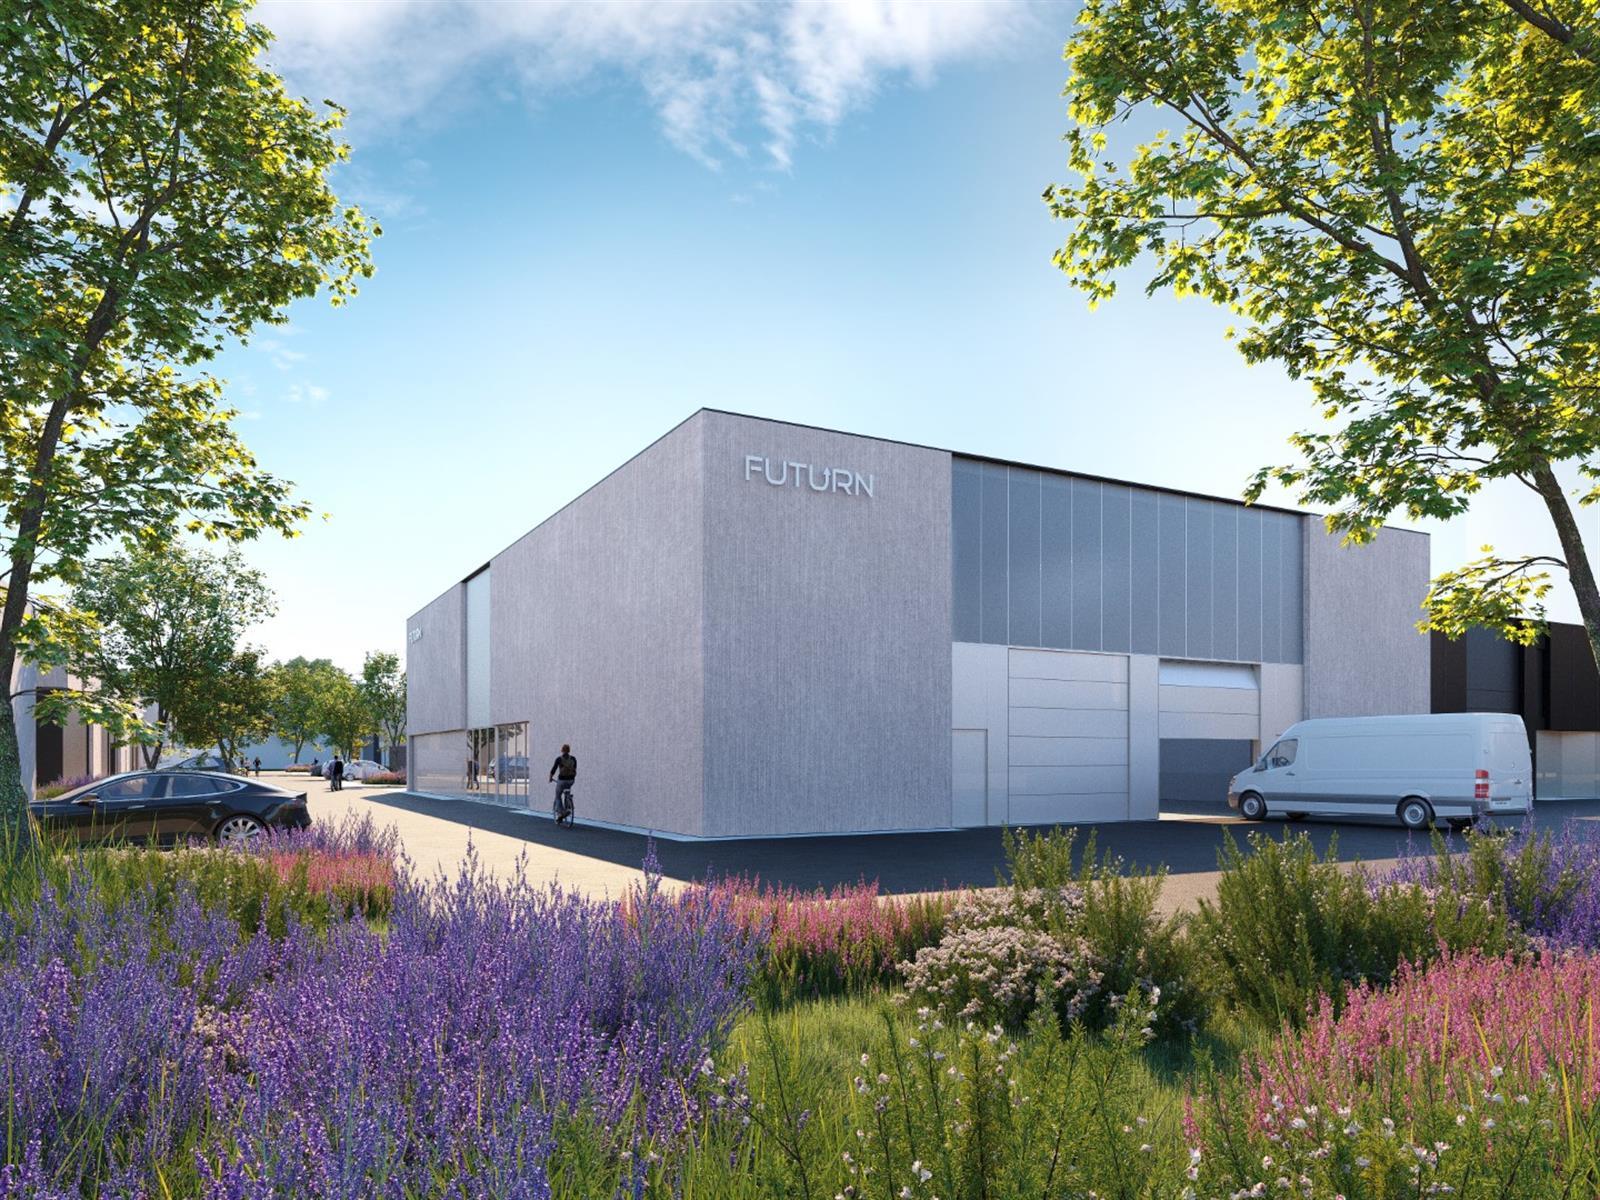 KMO-unit te koop Heros Businesspark KMO Unit 10 - Herkenrodesingel 10, 3500 Hasselt, België 10